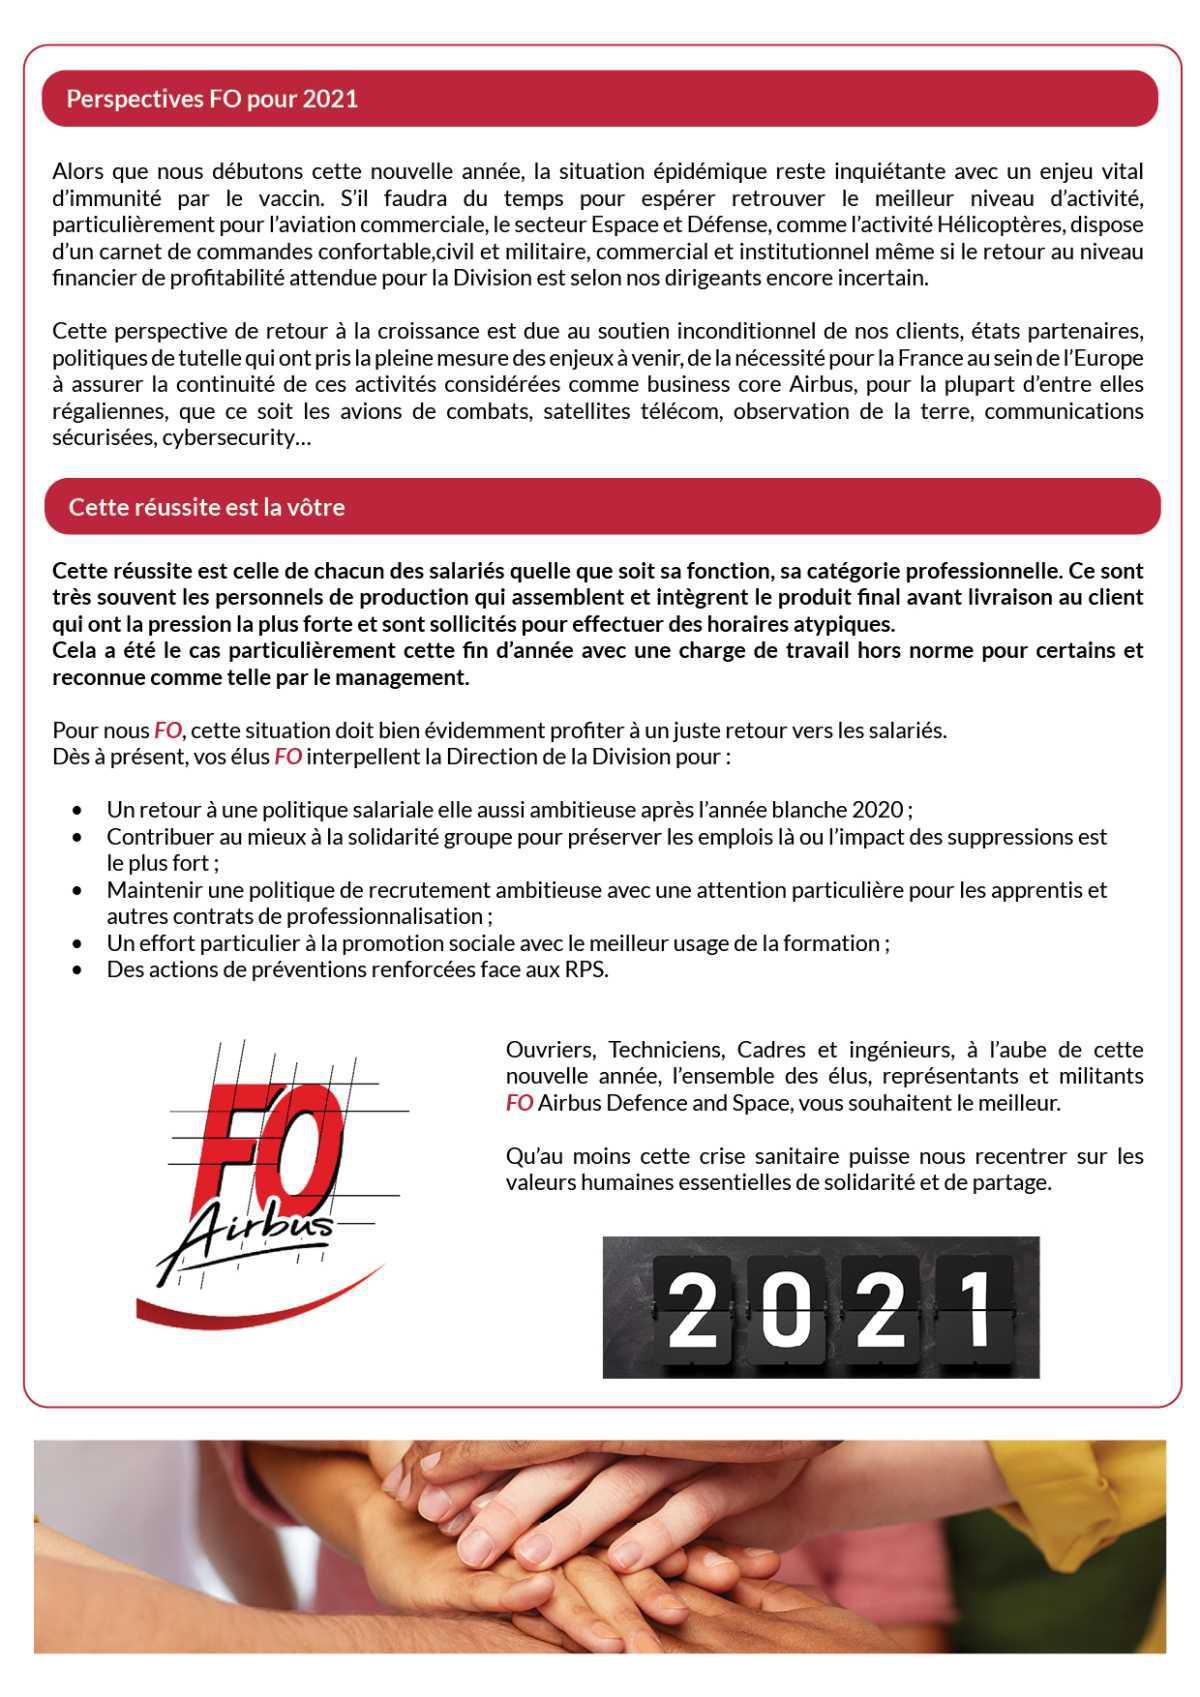 Objectifs 2021 : continuité et détermination dans nos actions pour vous